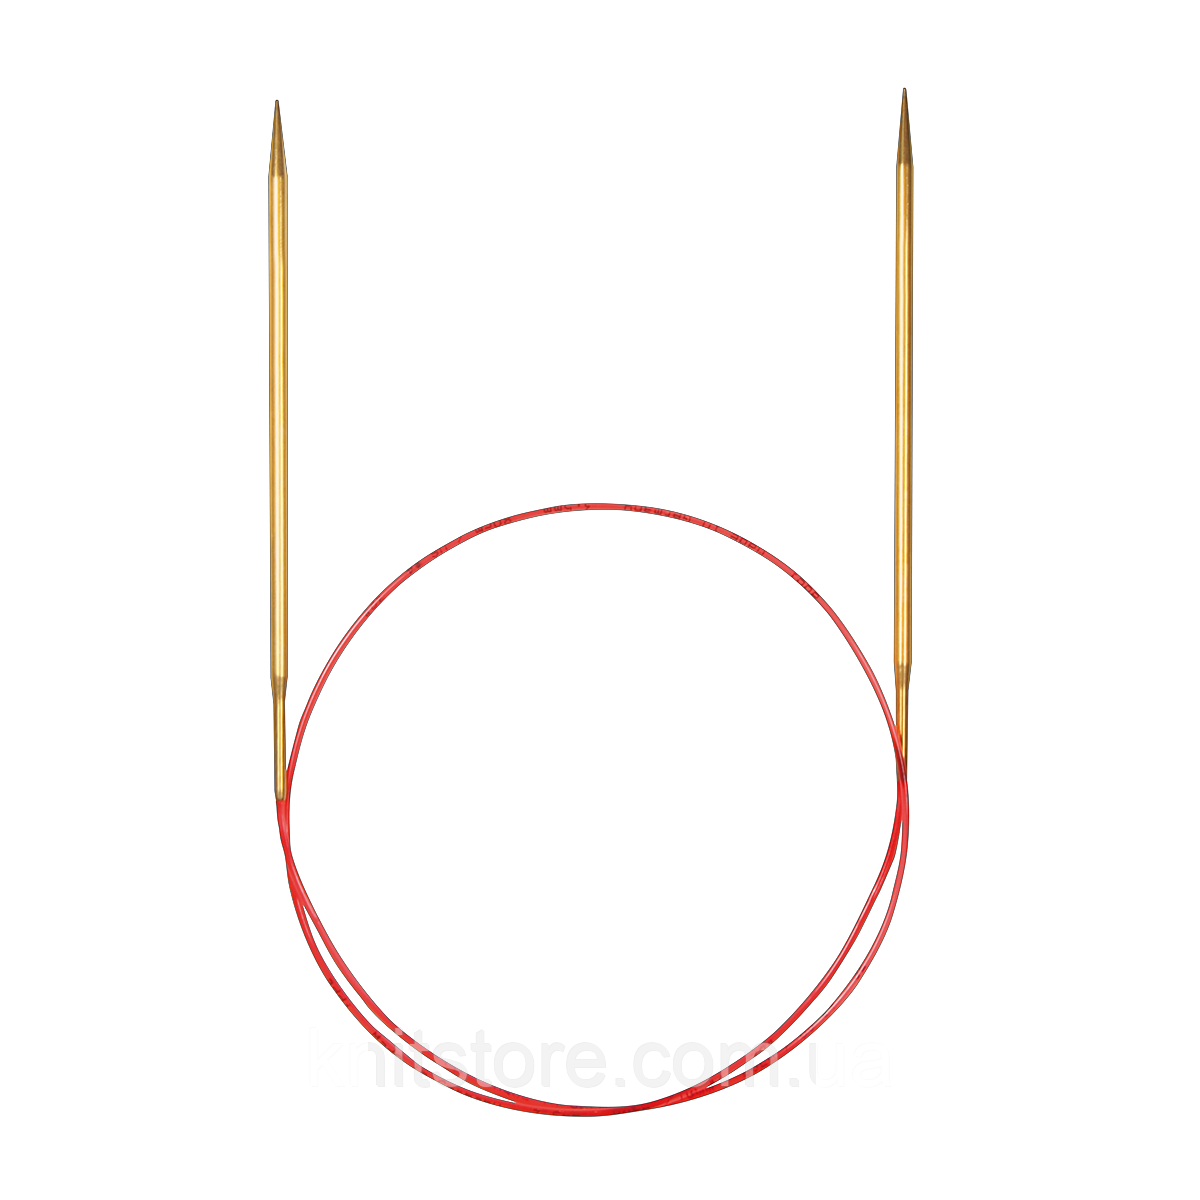 Спиці Addi | кругові | c витягнутим кінчиком | 100 см | 3.25 мм